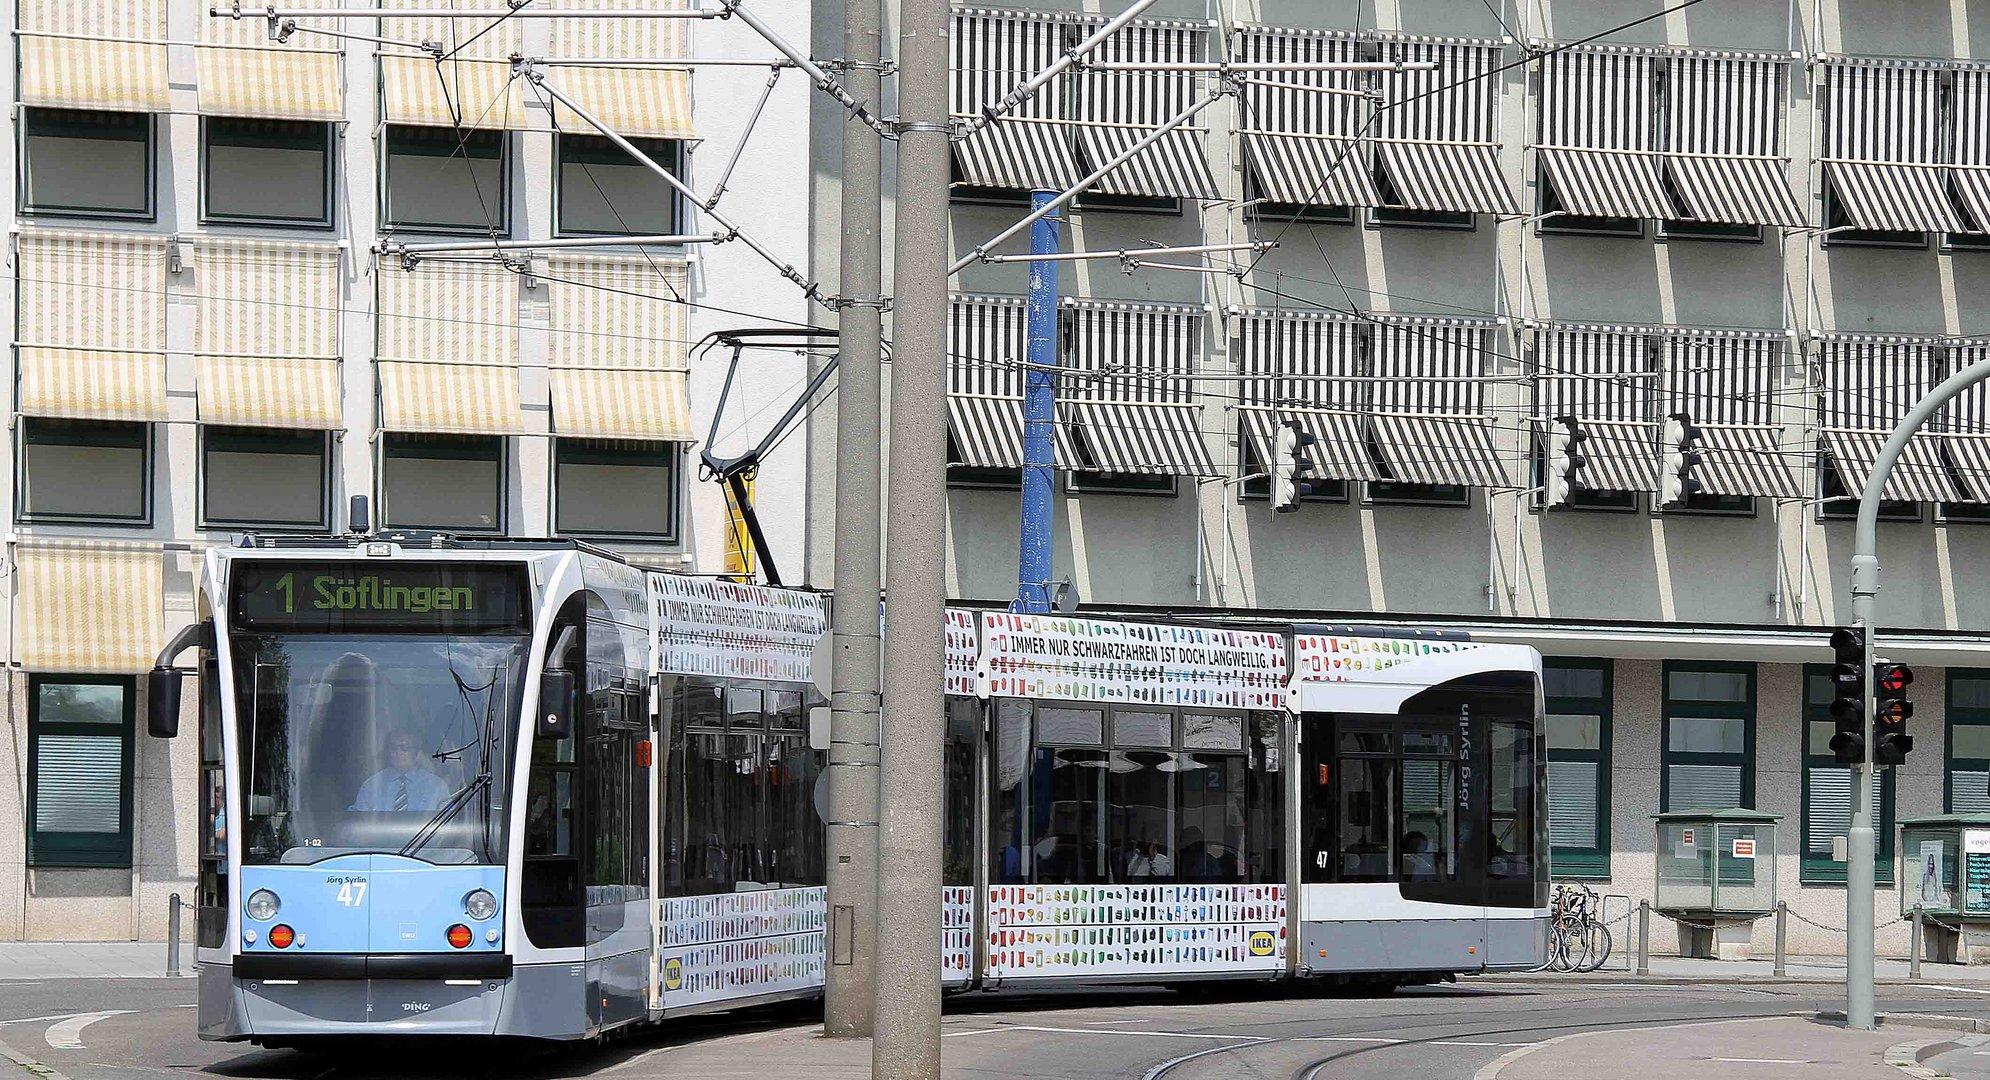 Ulmer Straßenbahn